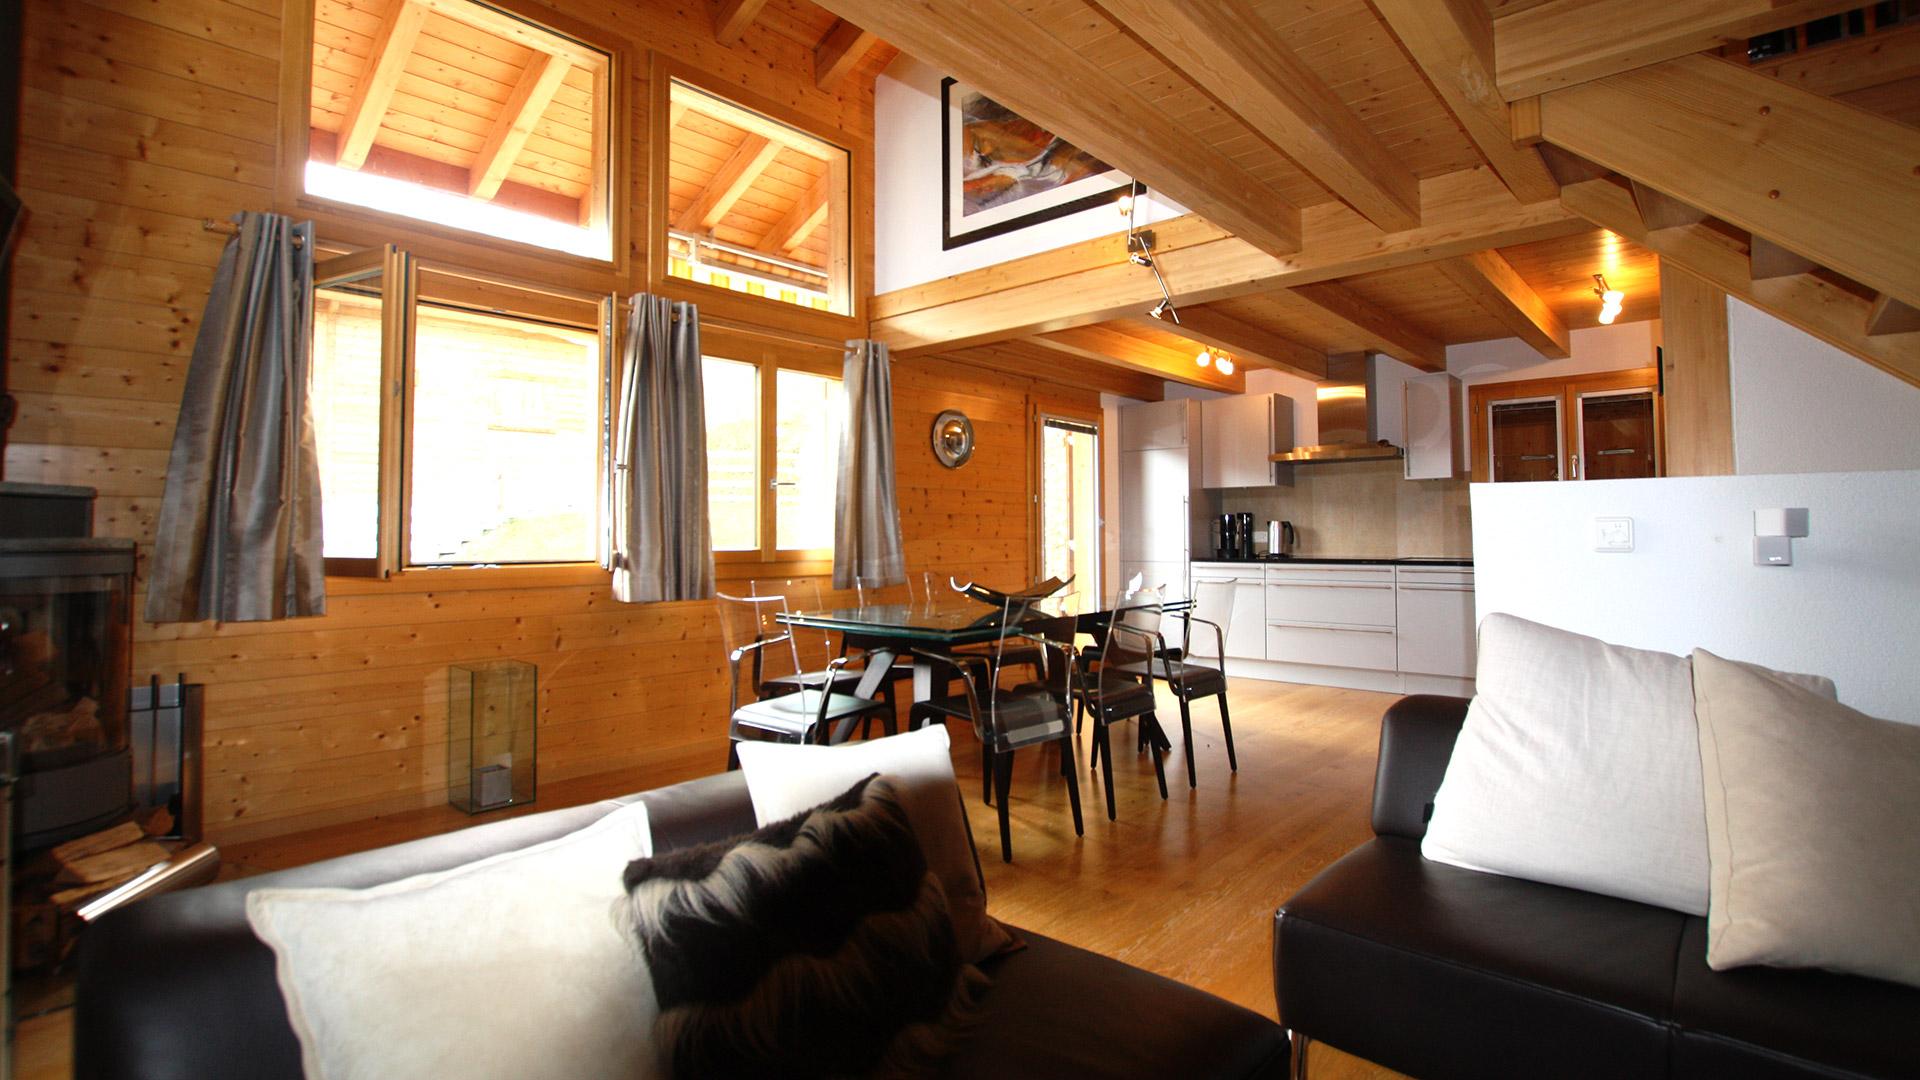 Chalet Fennell Chalet, Switzerland